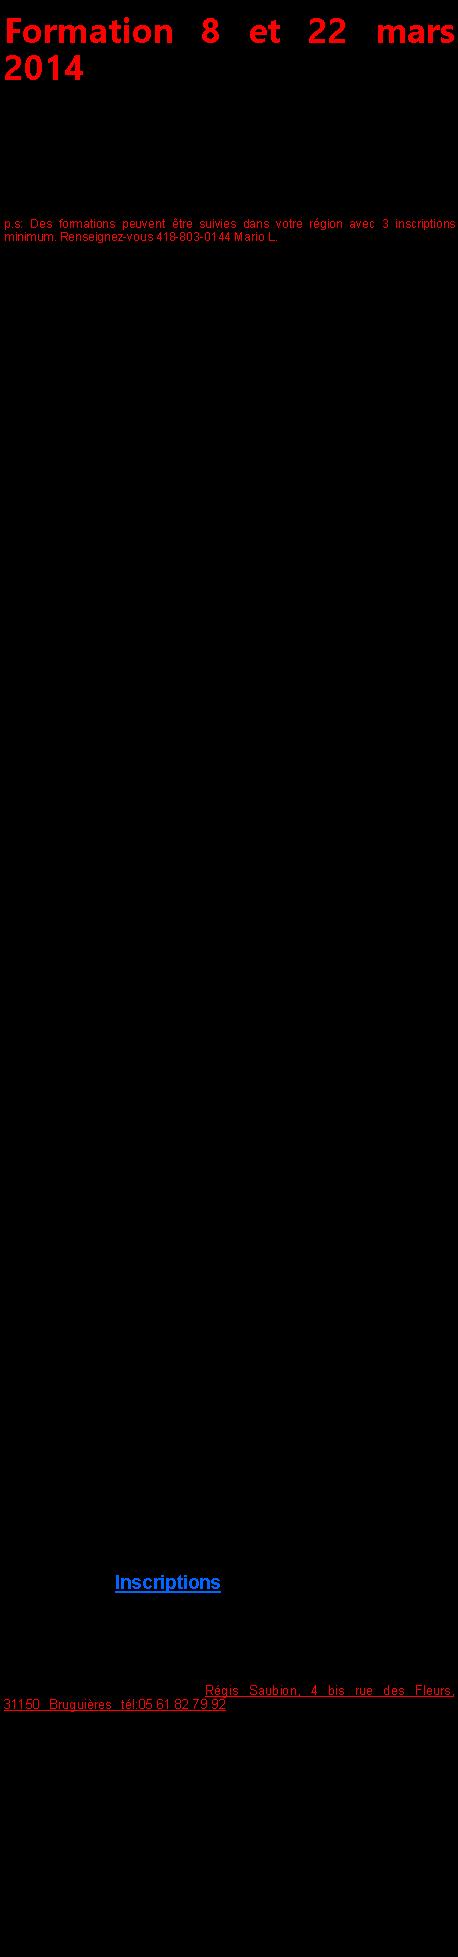 Dajvoneks les rappels au psoriasis